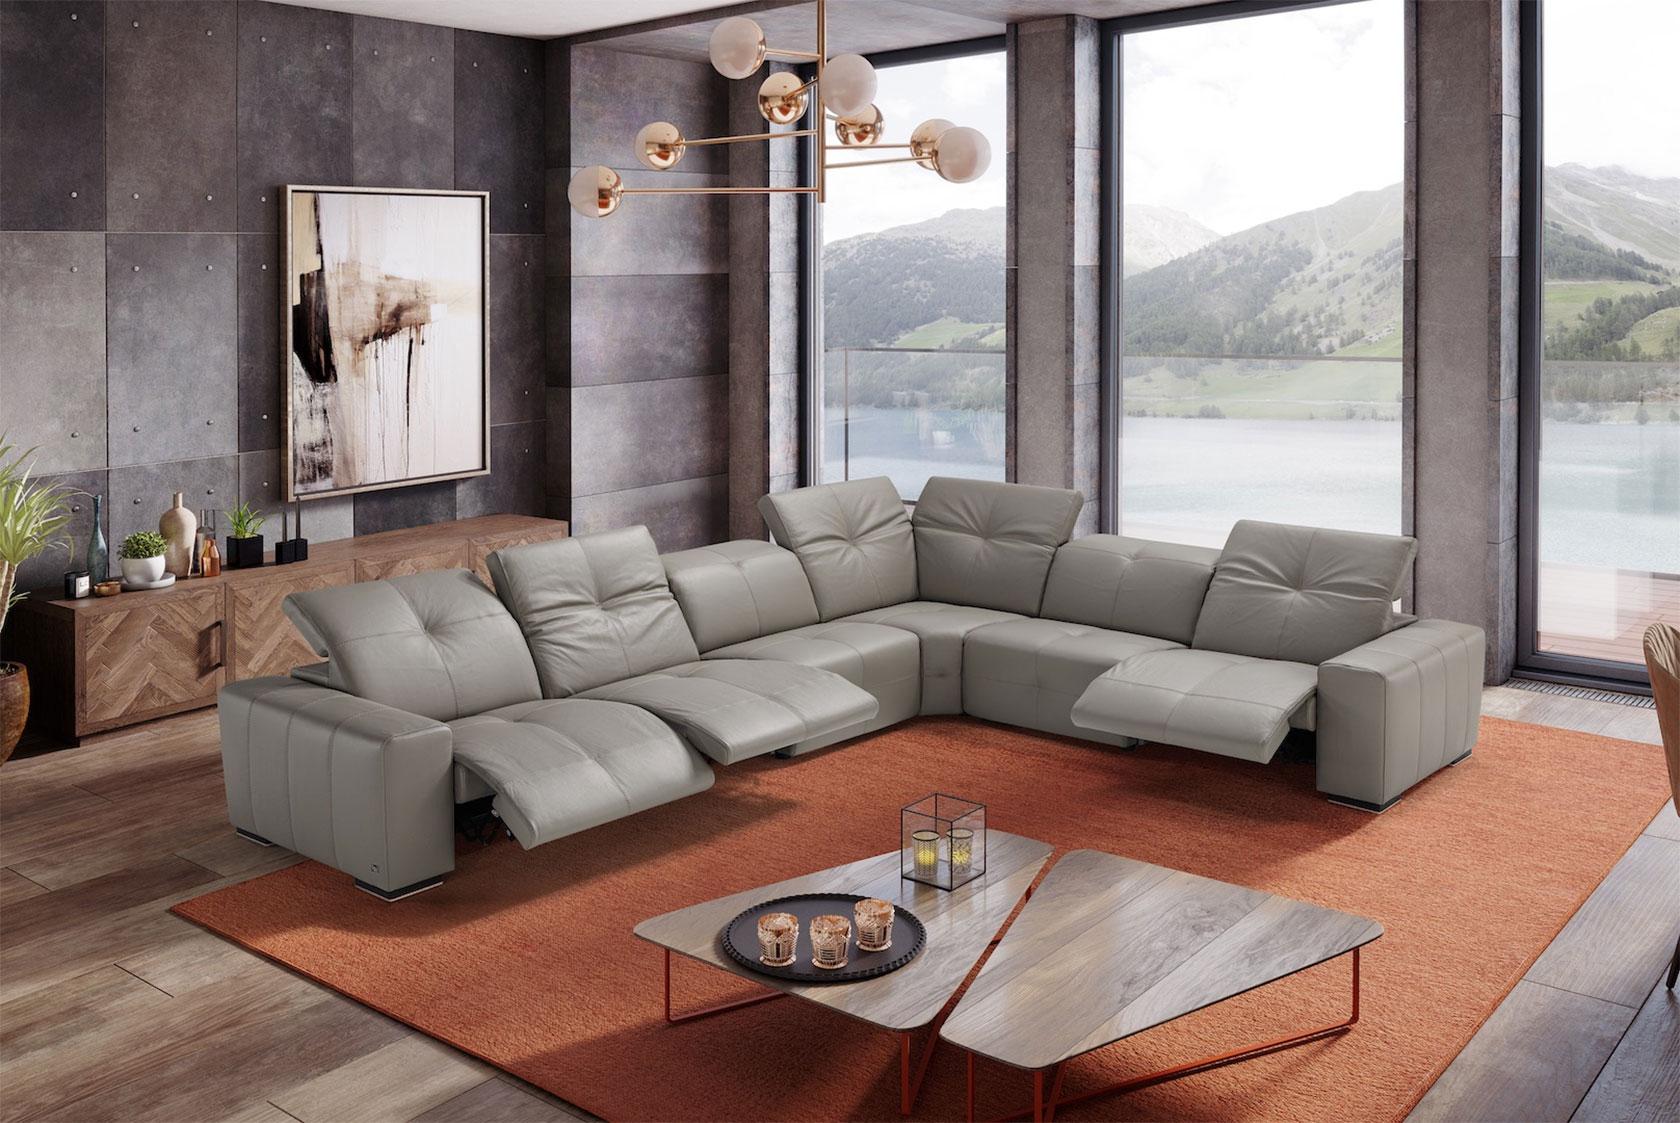 Italian Leather Furniture